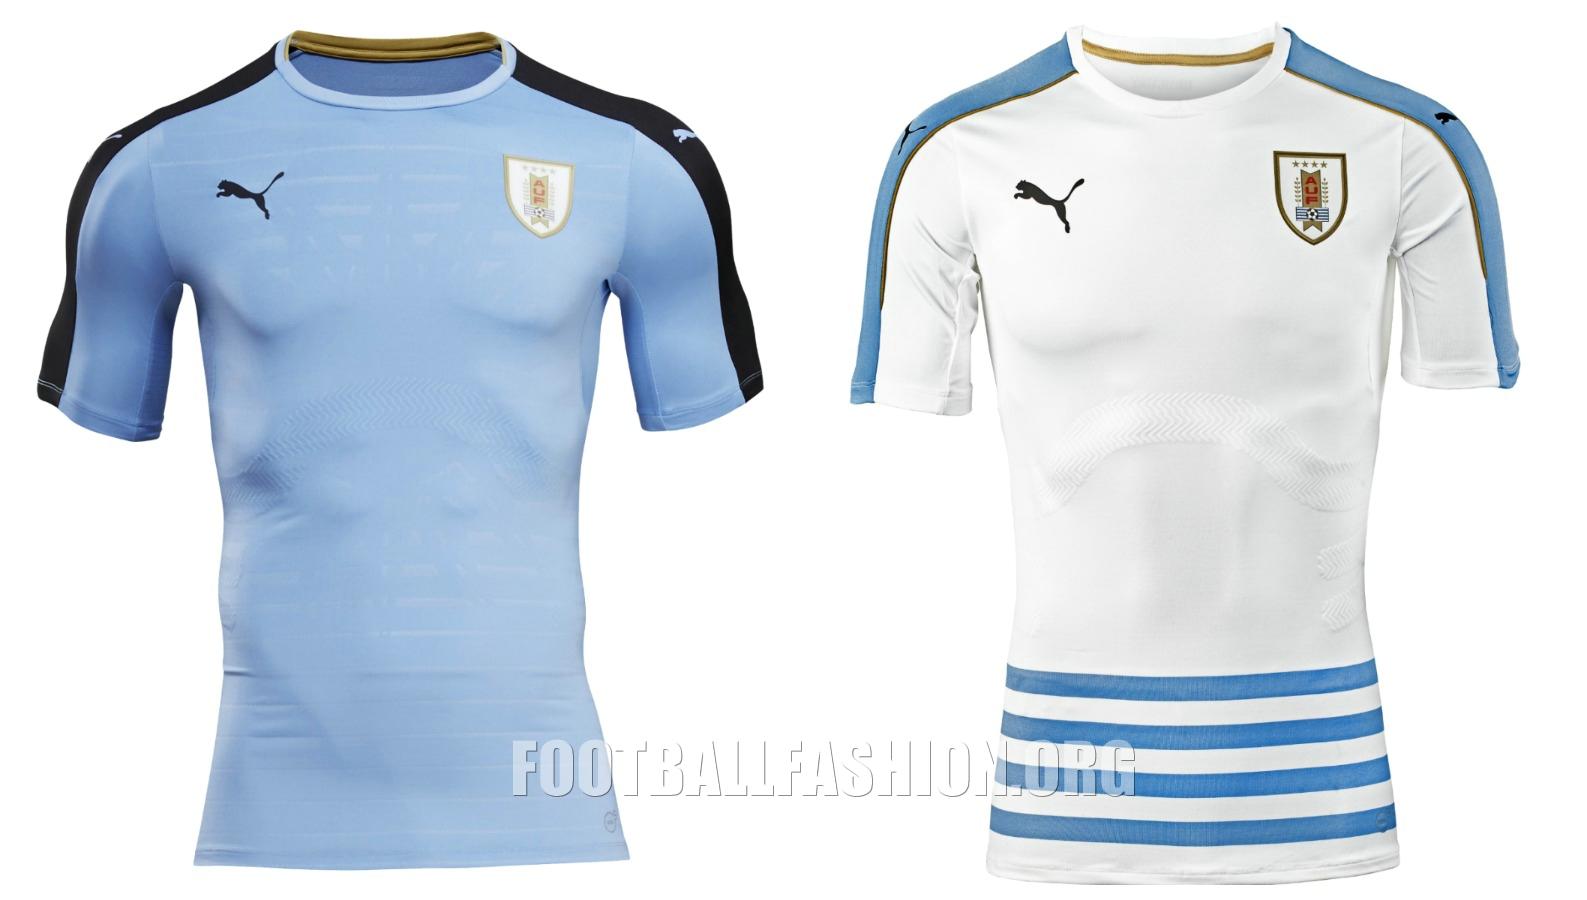 official photos 74a6a 06df6 Uruguay National Football Team Shirts   Azərbaycan Dillər ...